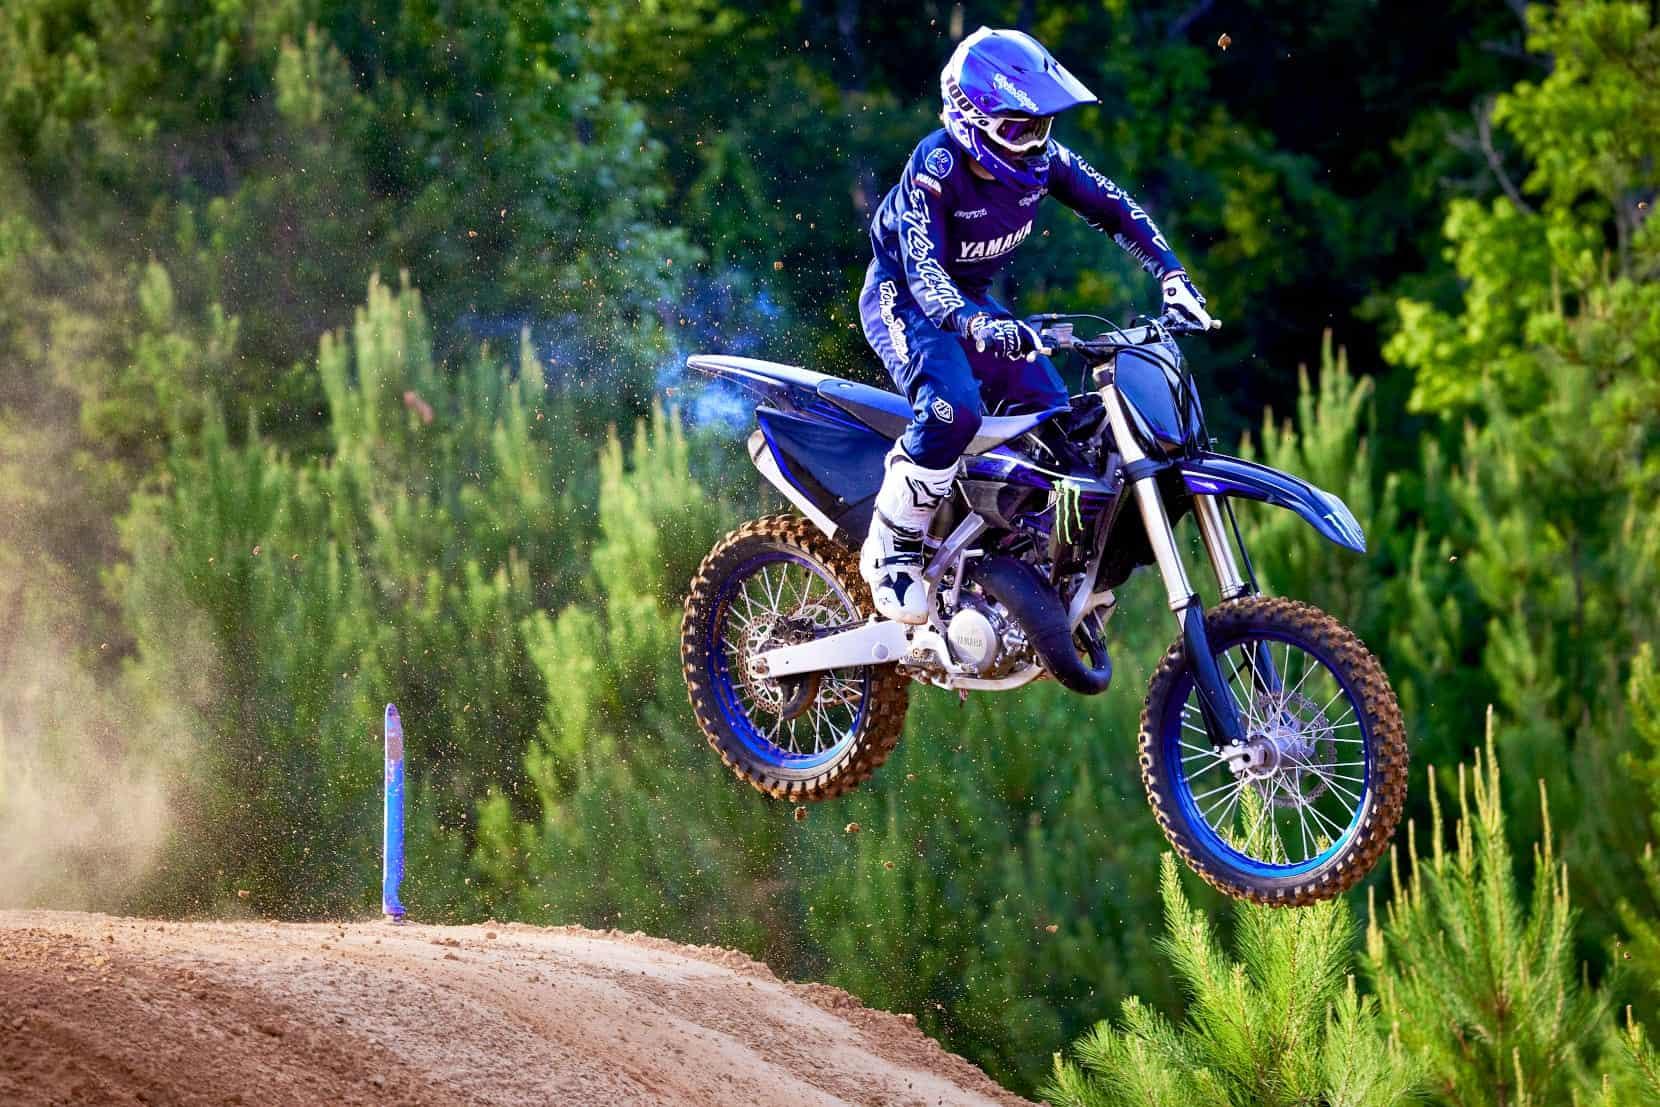 2022 Yamaha YZ125 & YZ125 Monster Energy® Yamaha Racing Edition